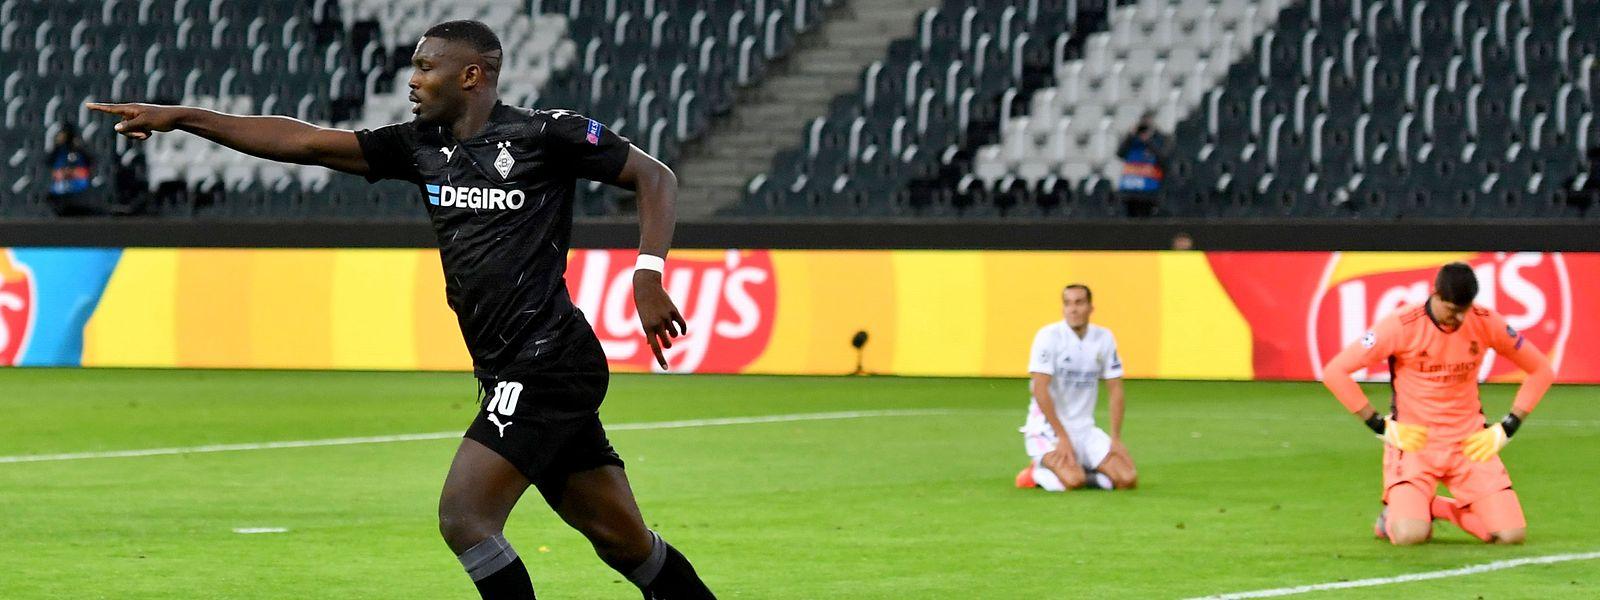 Stürmer Marcus Thuram schießt Mönchengladbach mit 2:0 in Führung, doch es reicht nicht zum Sieg.